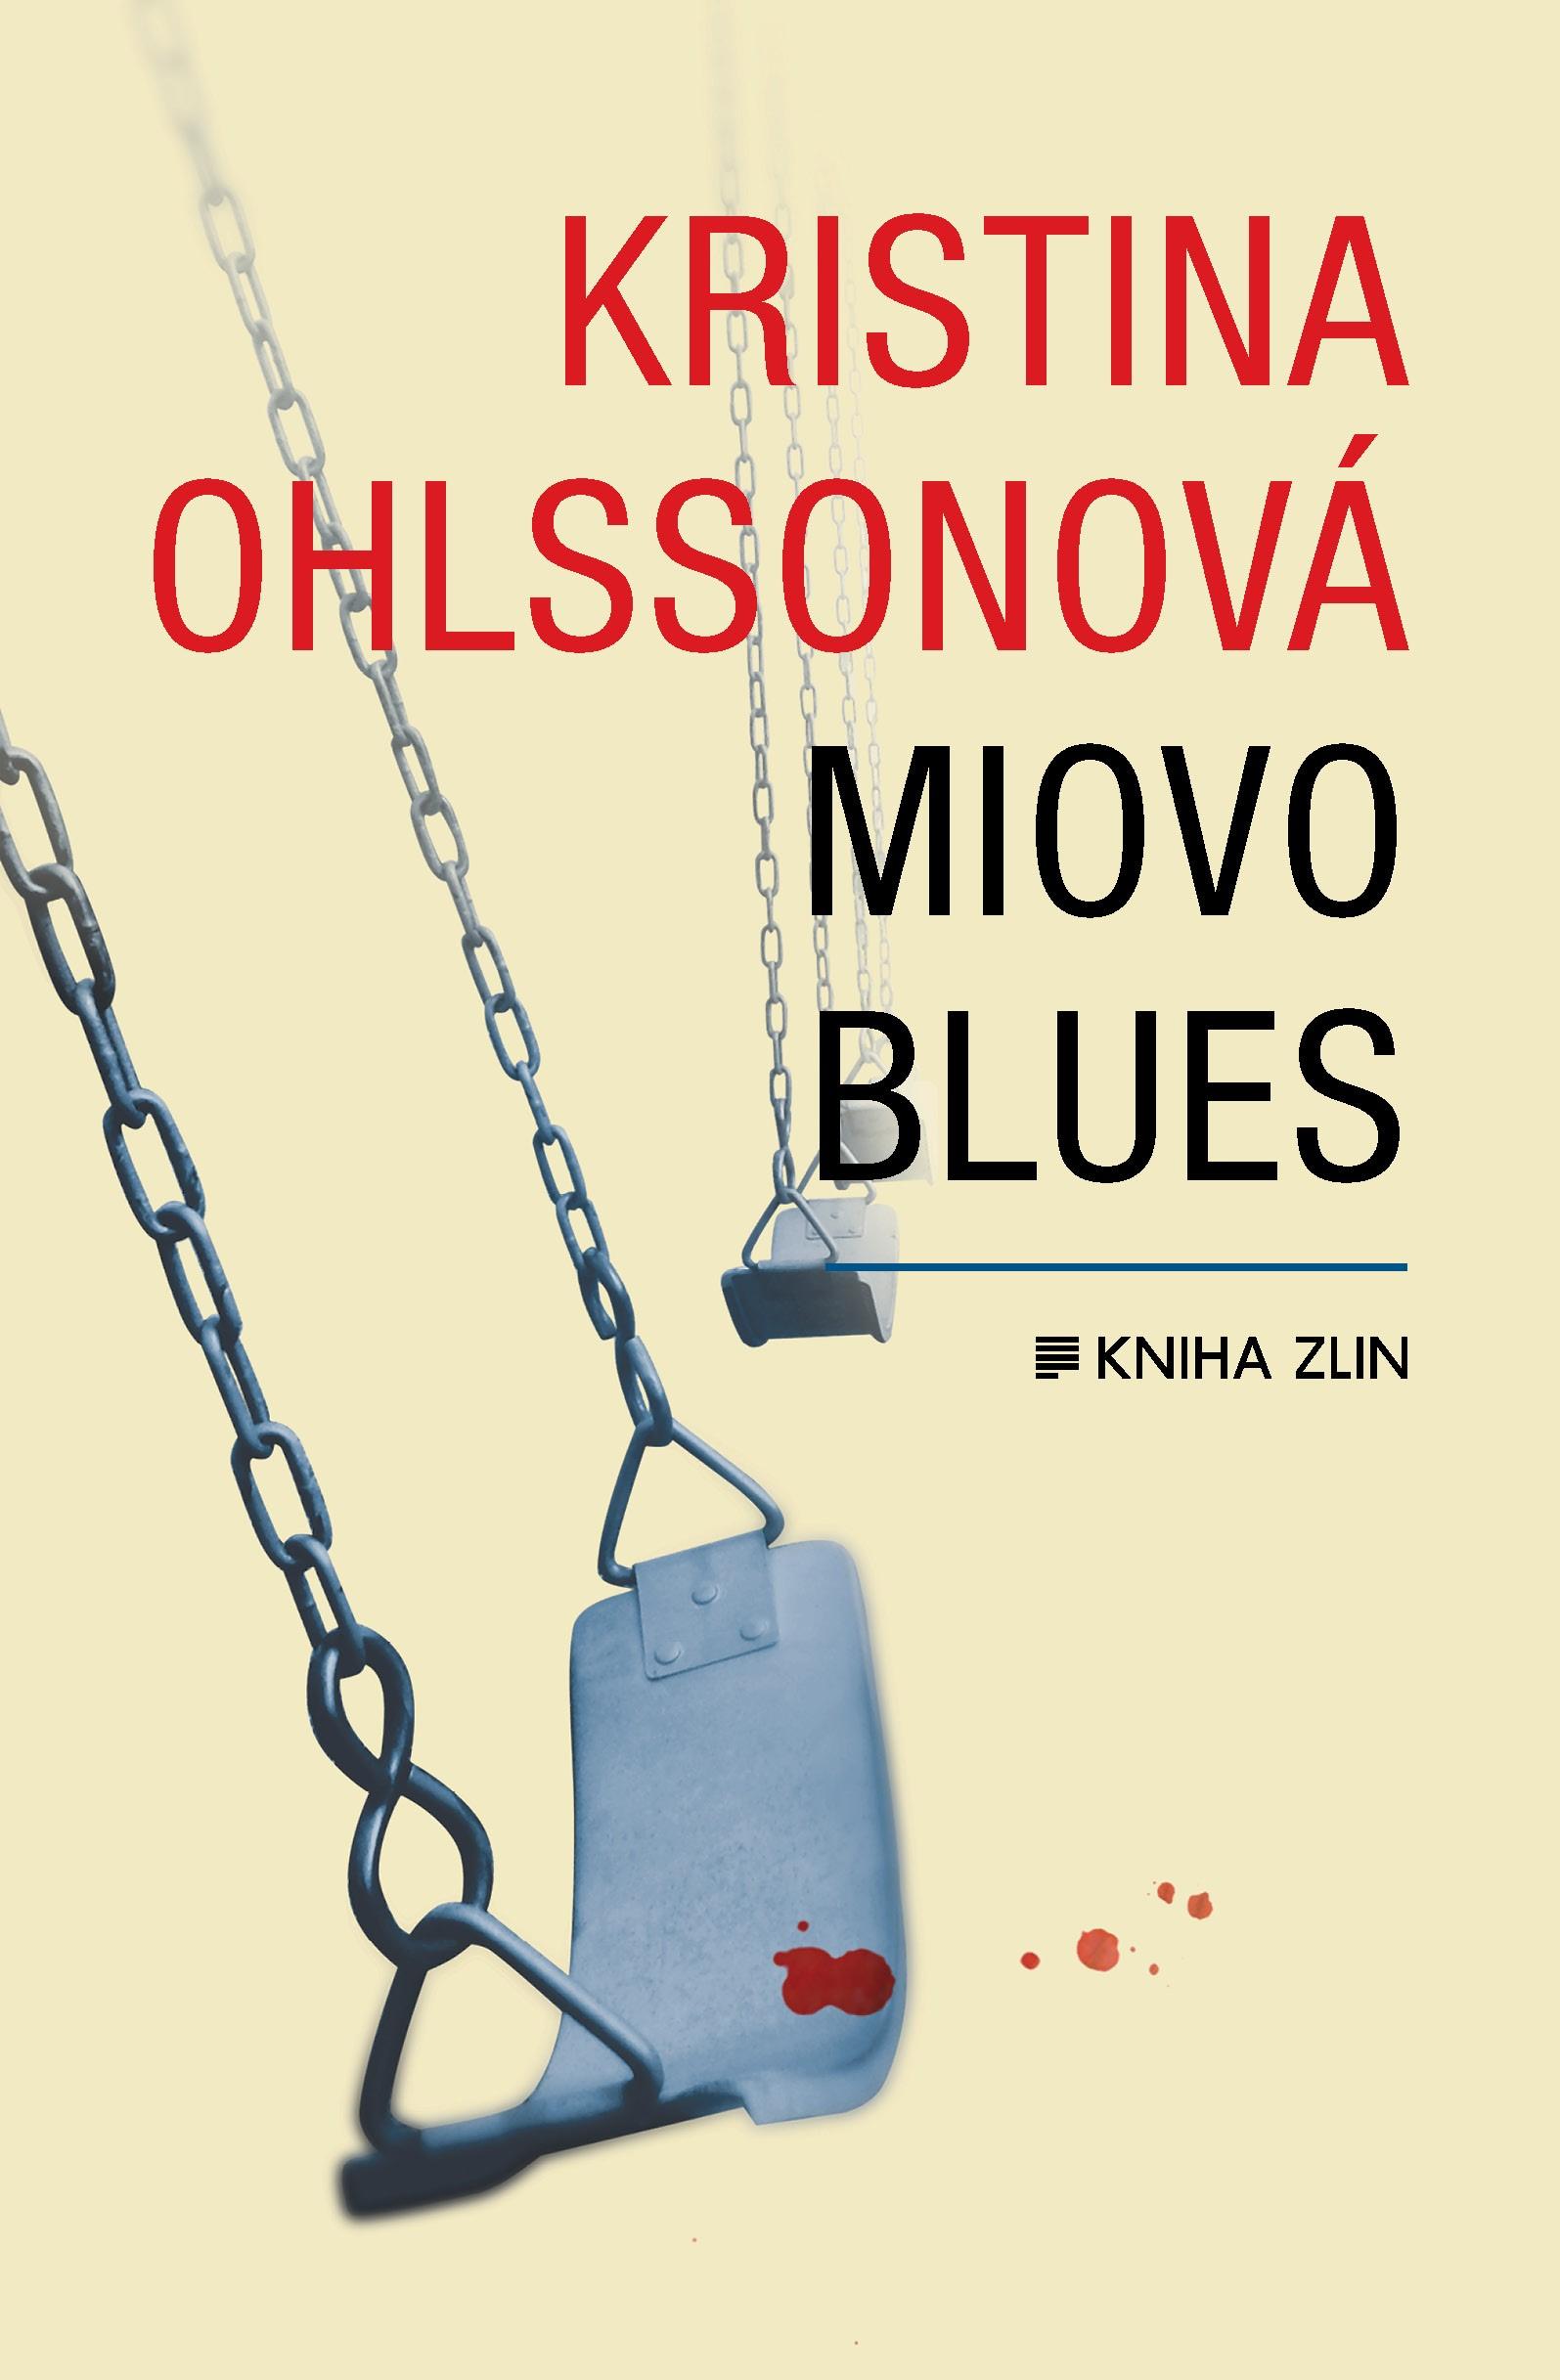 Miovo blues (paperback) | Kristina Ohlssonová, Luisa Robovská